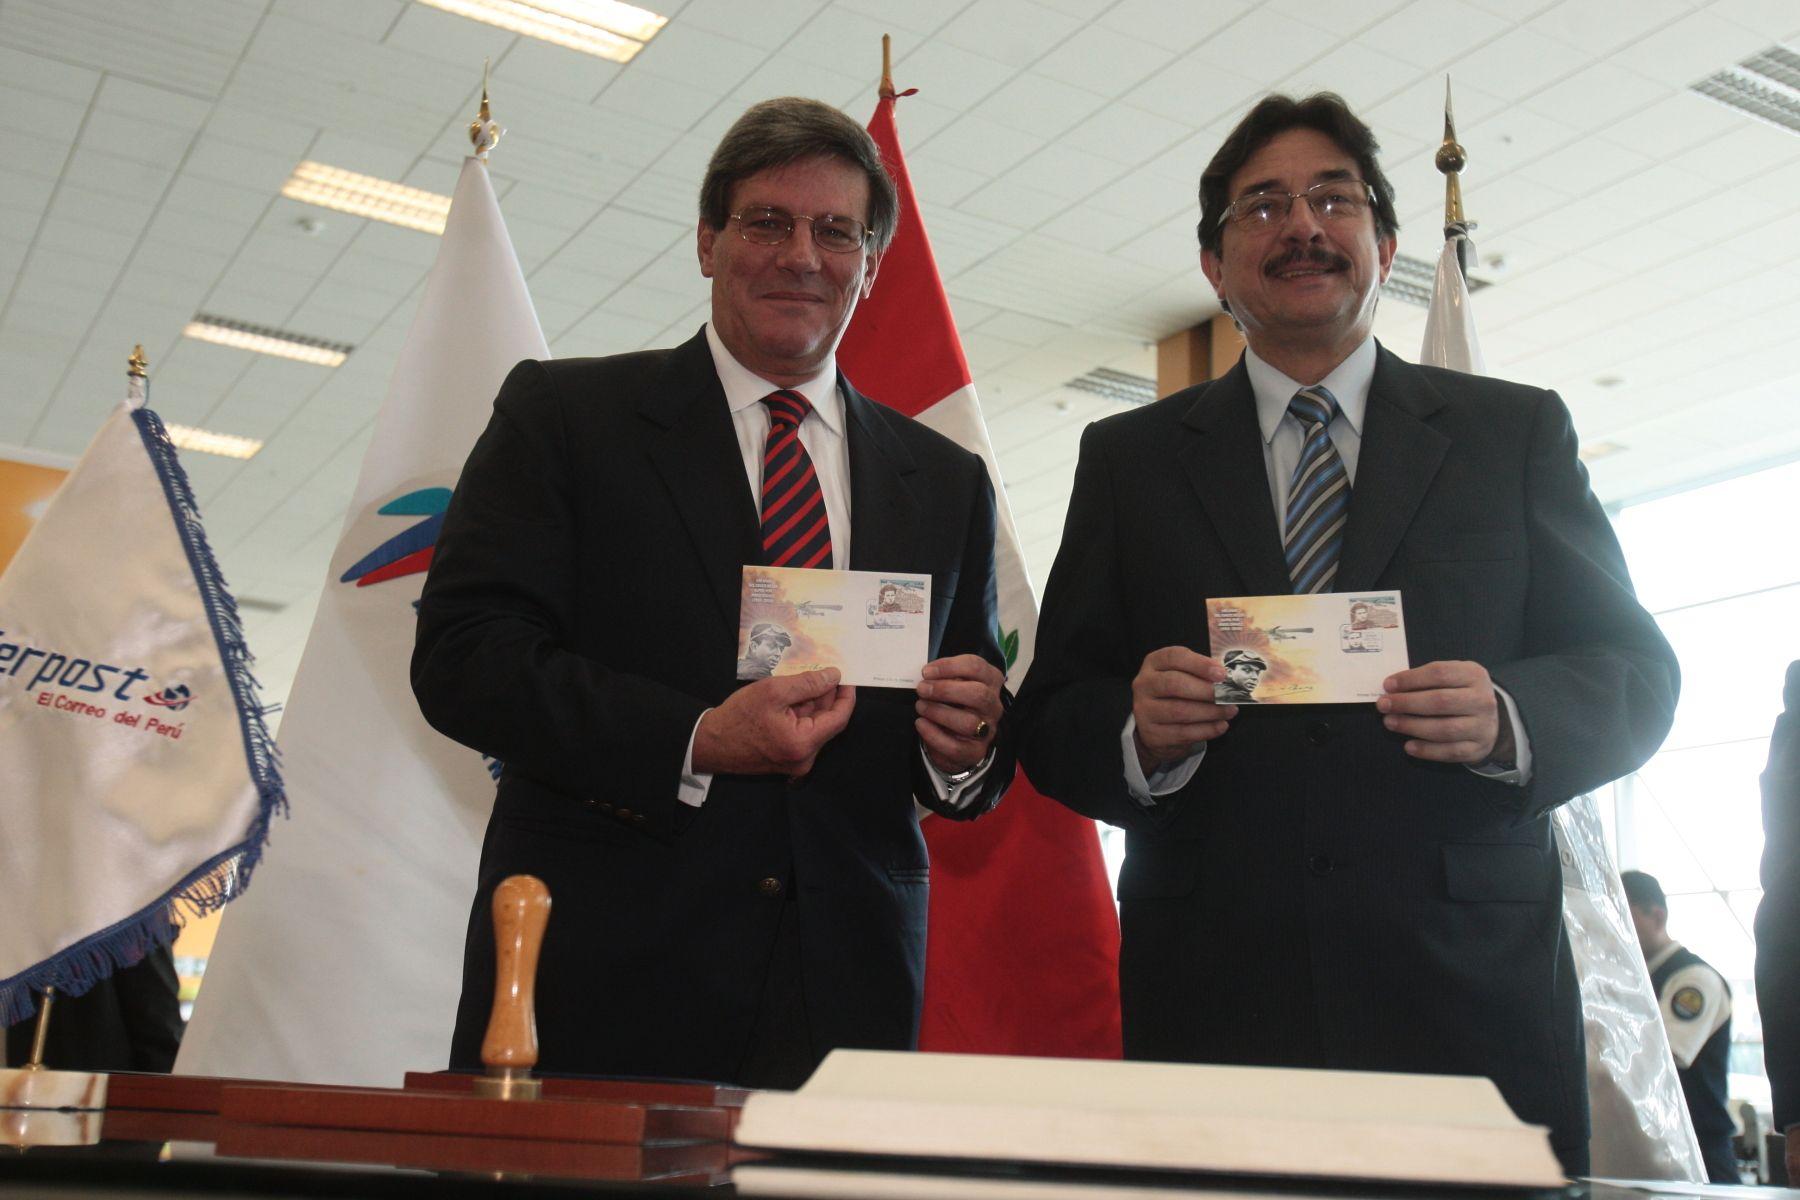 Ministro de Transportes y Comunicaciones, Enrique Cornejo, participó en lanzamiento del sello postal epónimo en el Aeropuerto Internacional Jorge Chávez. Foto: ANDINA/Juan Carlos Guzmán Negrini.